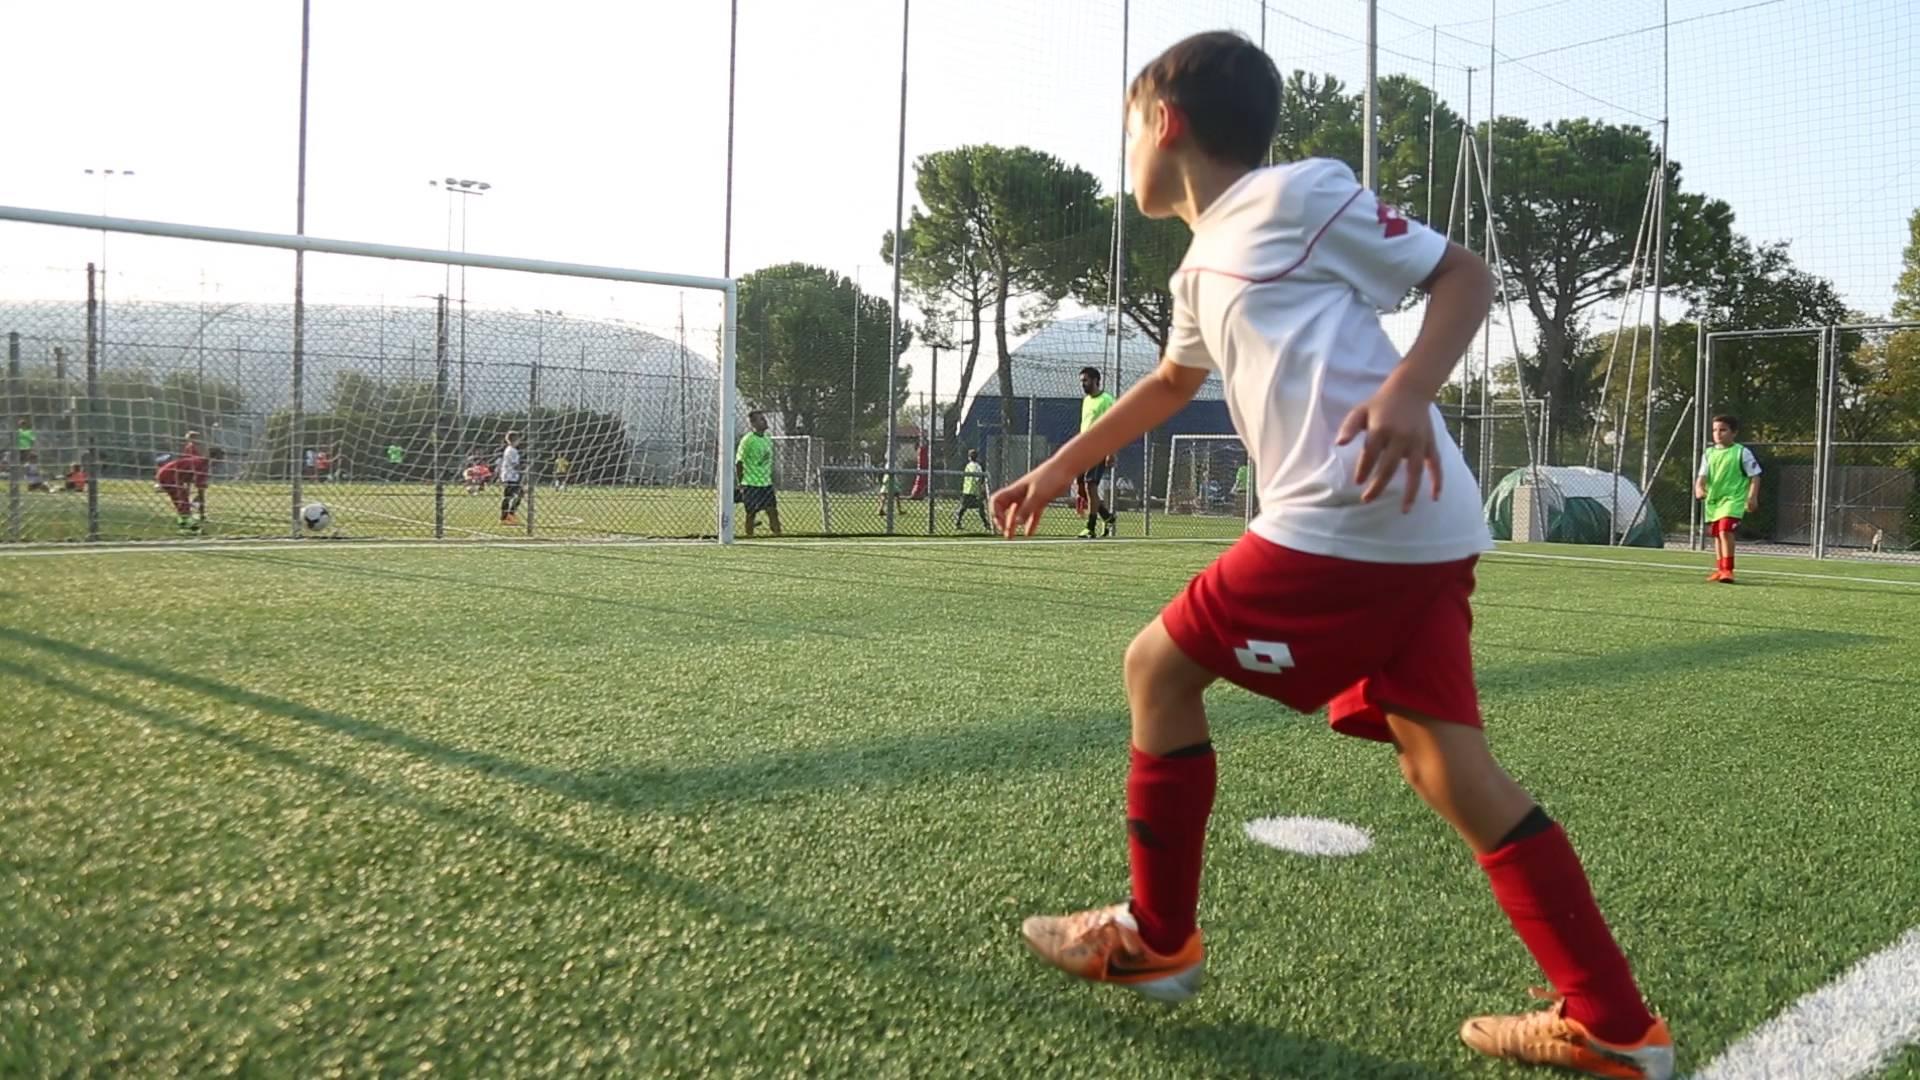 Calcio Per Bambini Rimini : Calcio passione dei bambini ma meglio due sport